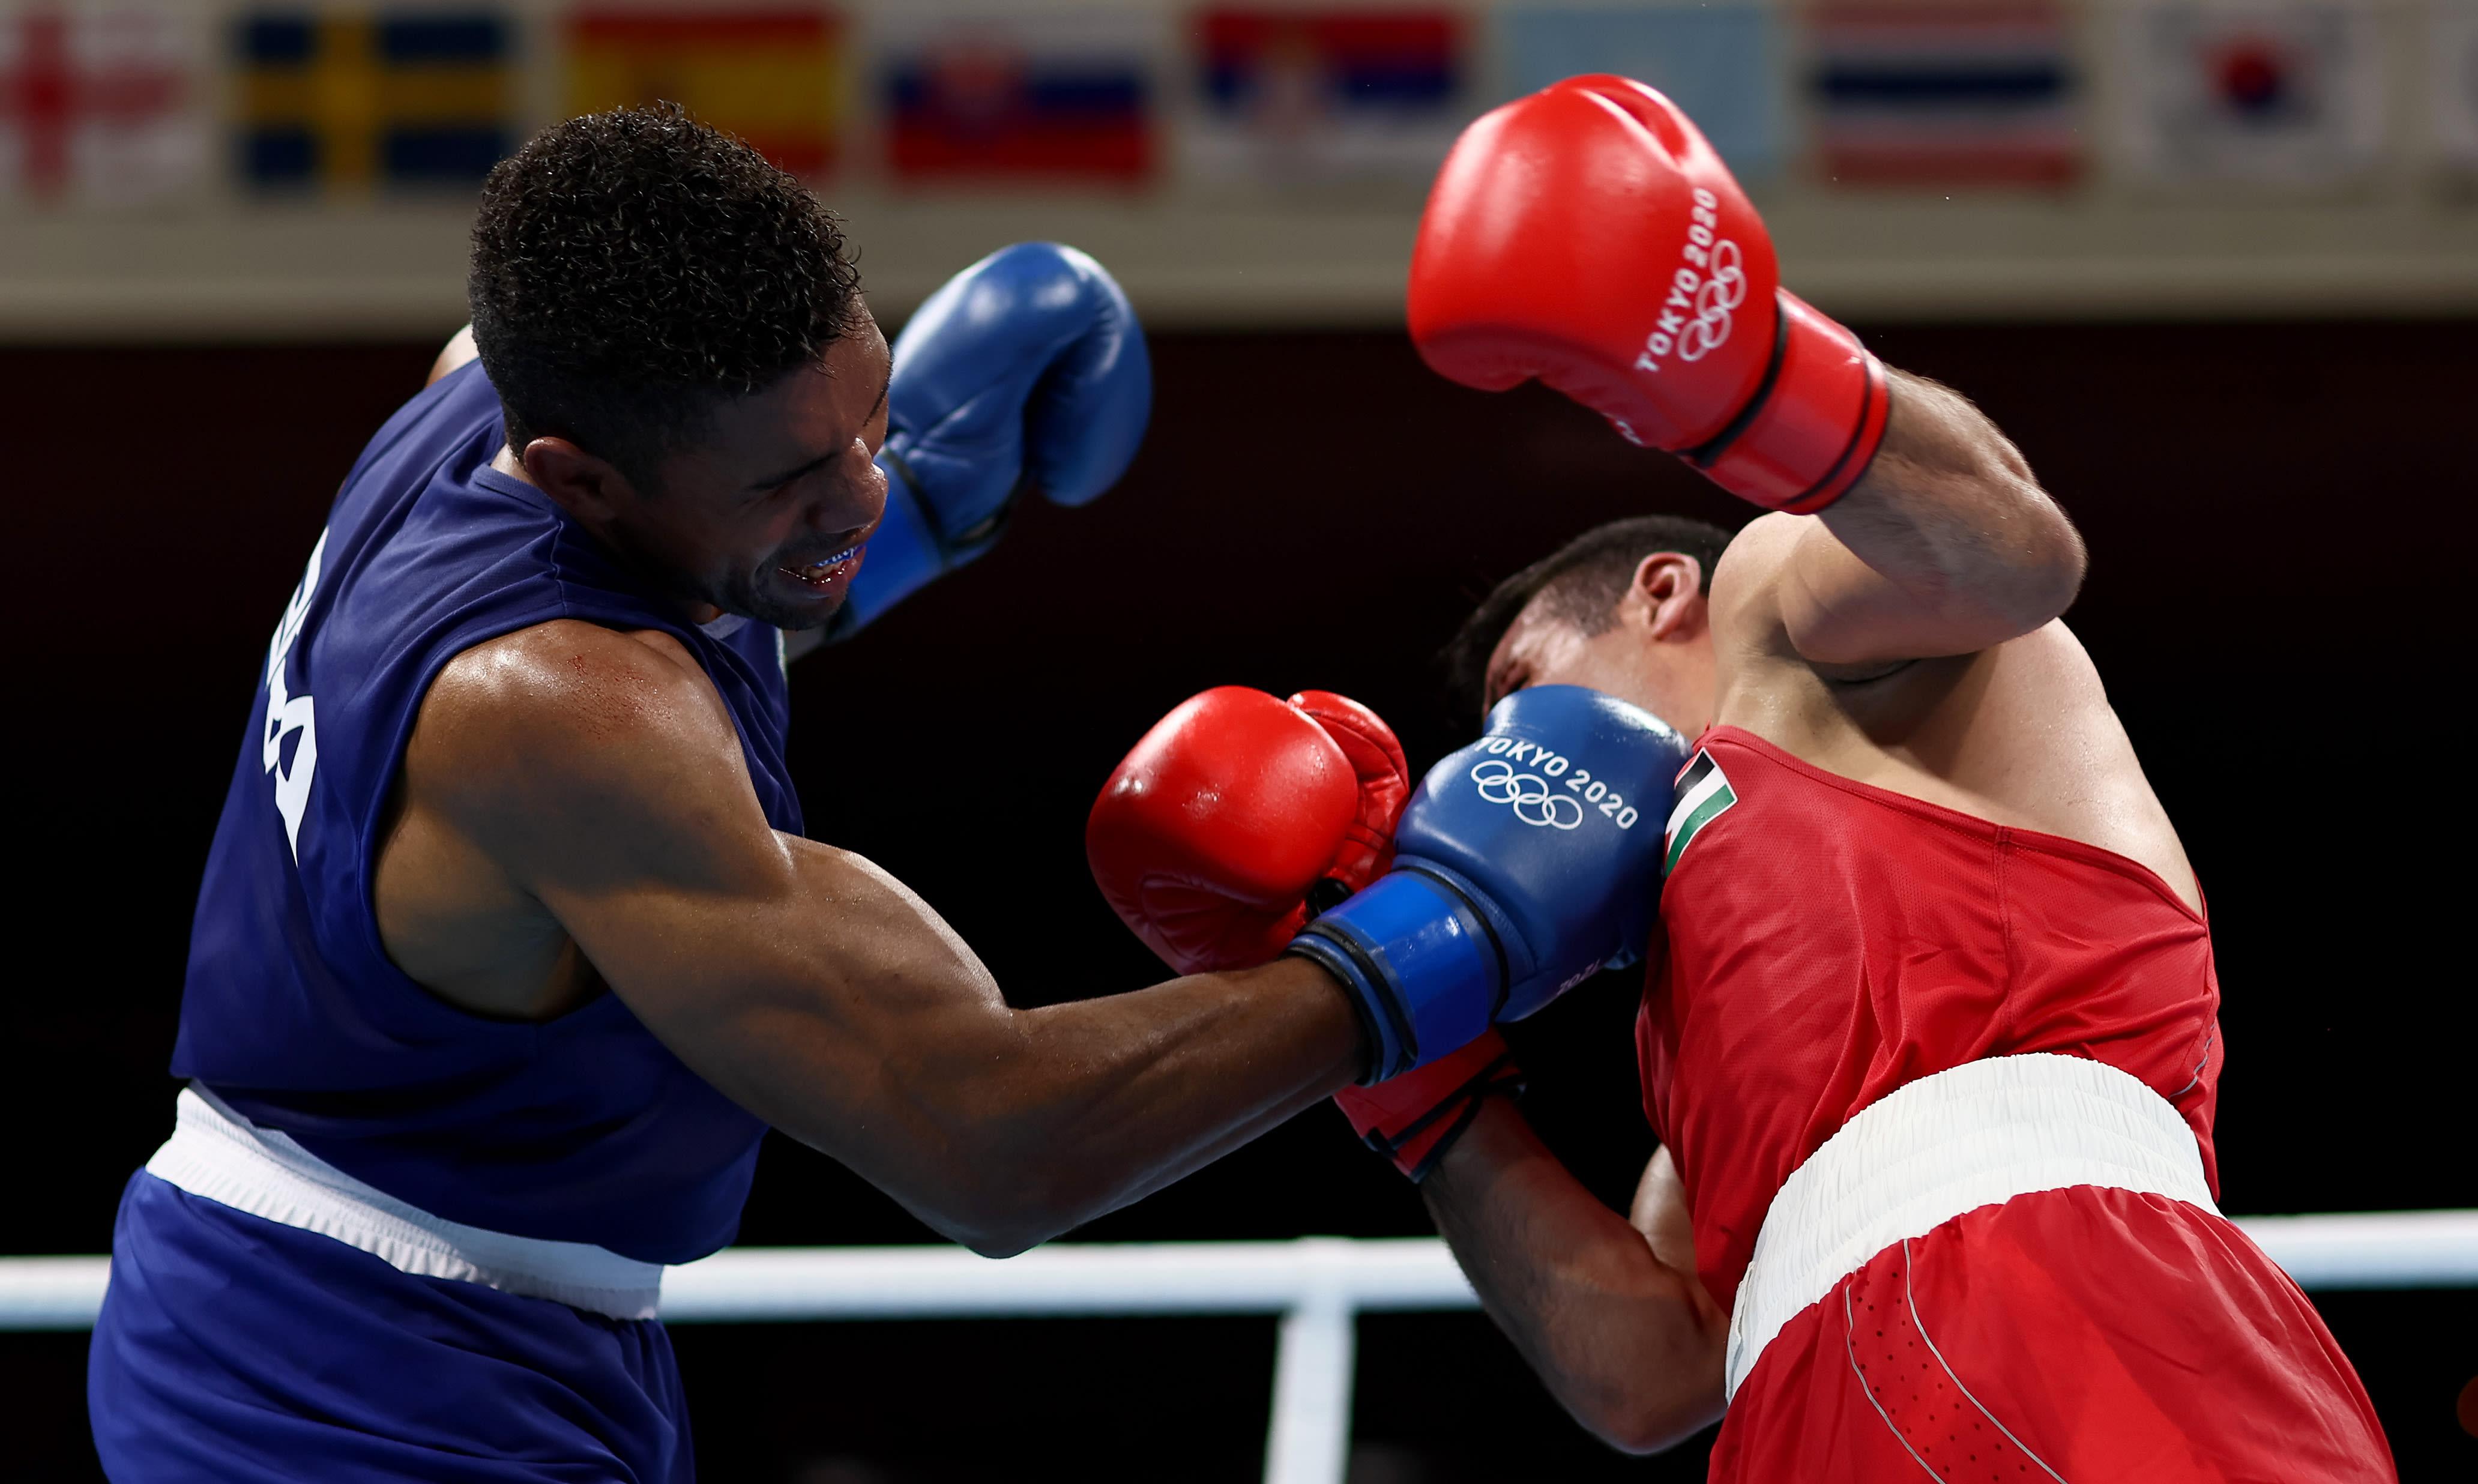 Abner socando a cara do lutador da Jordânia.